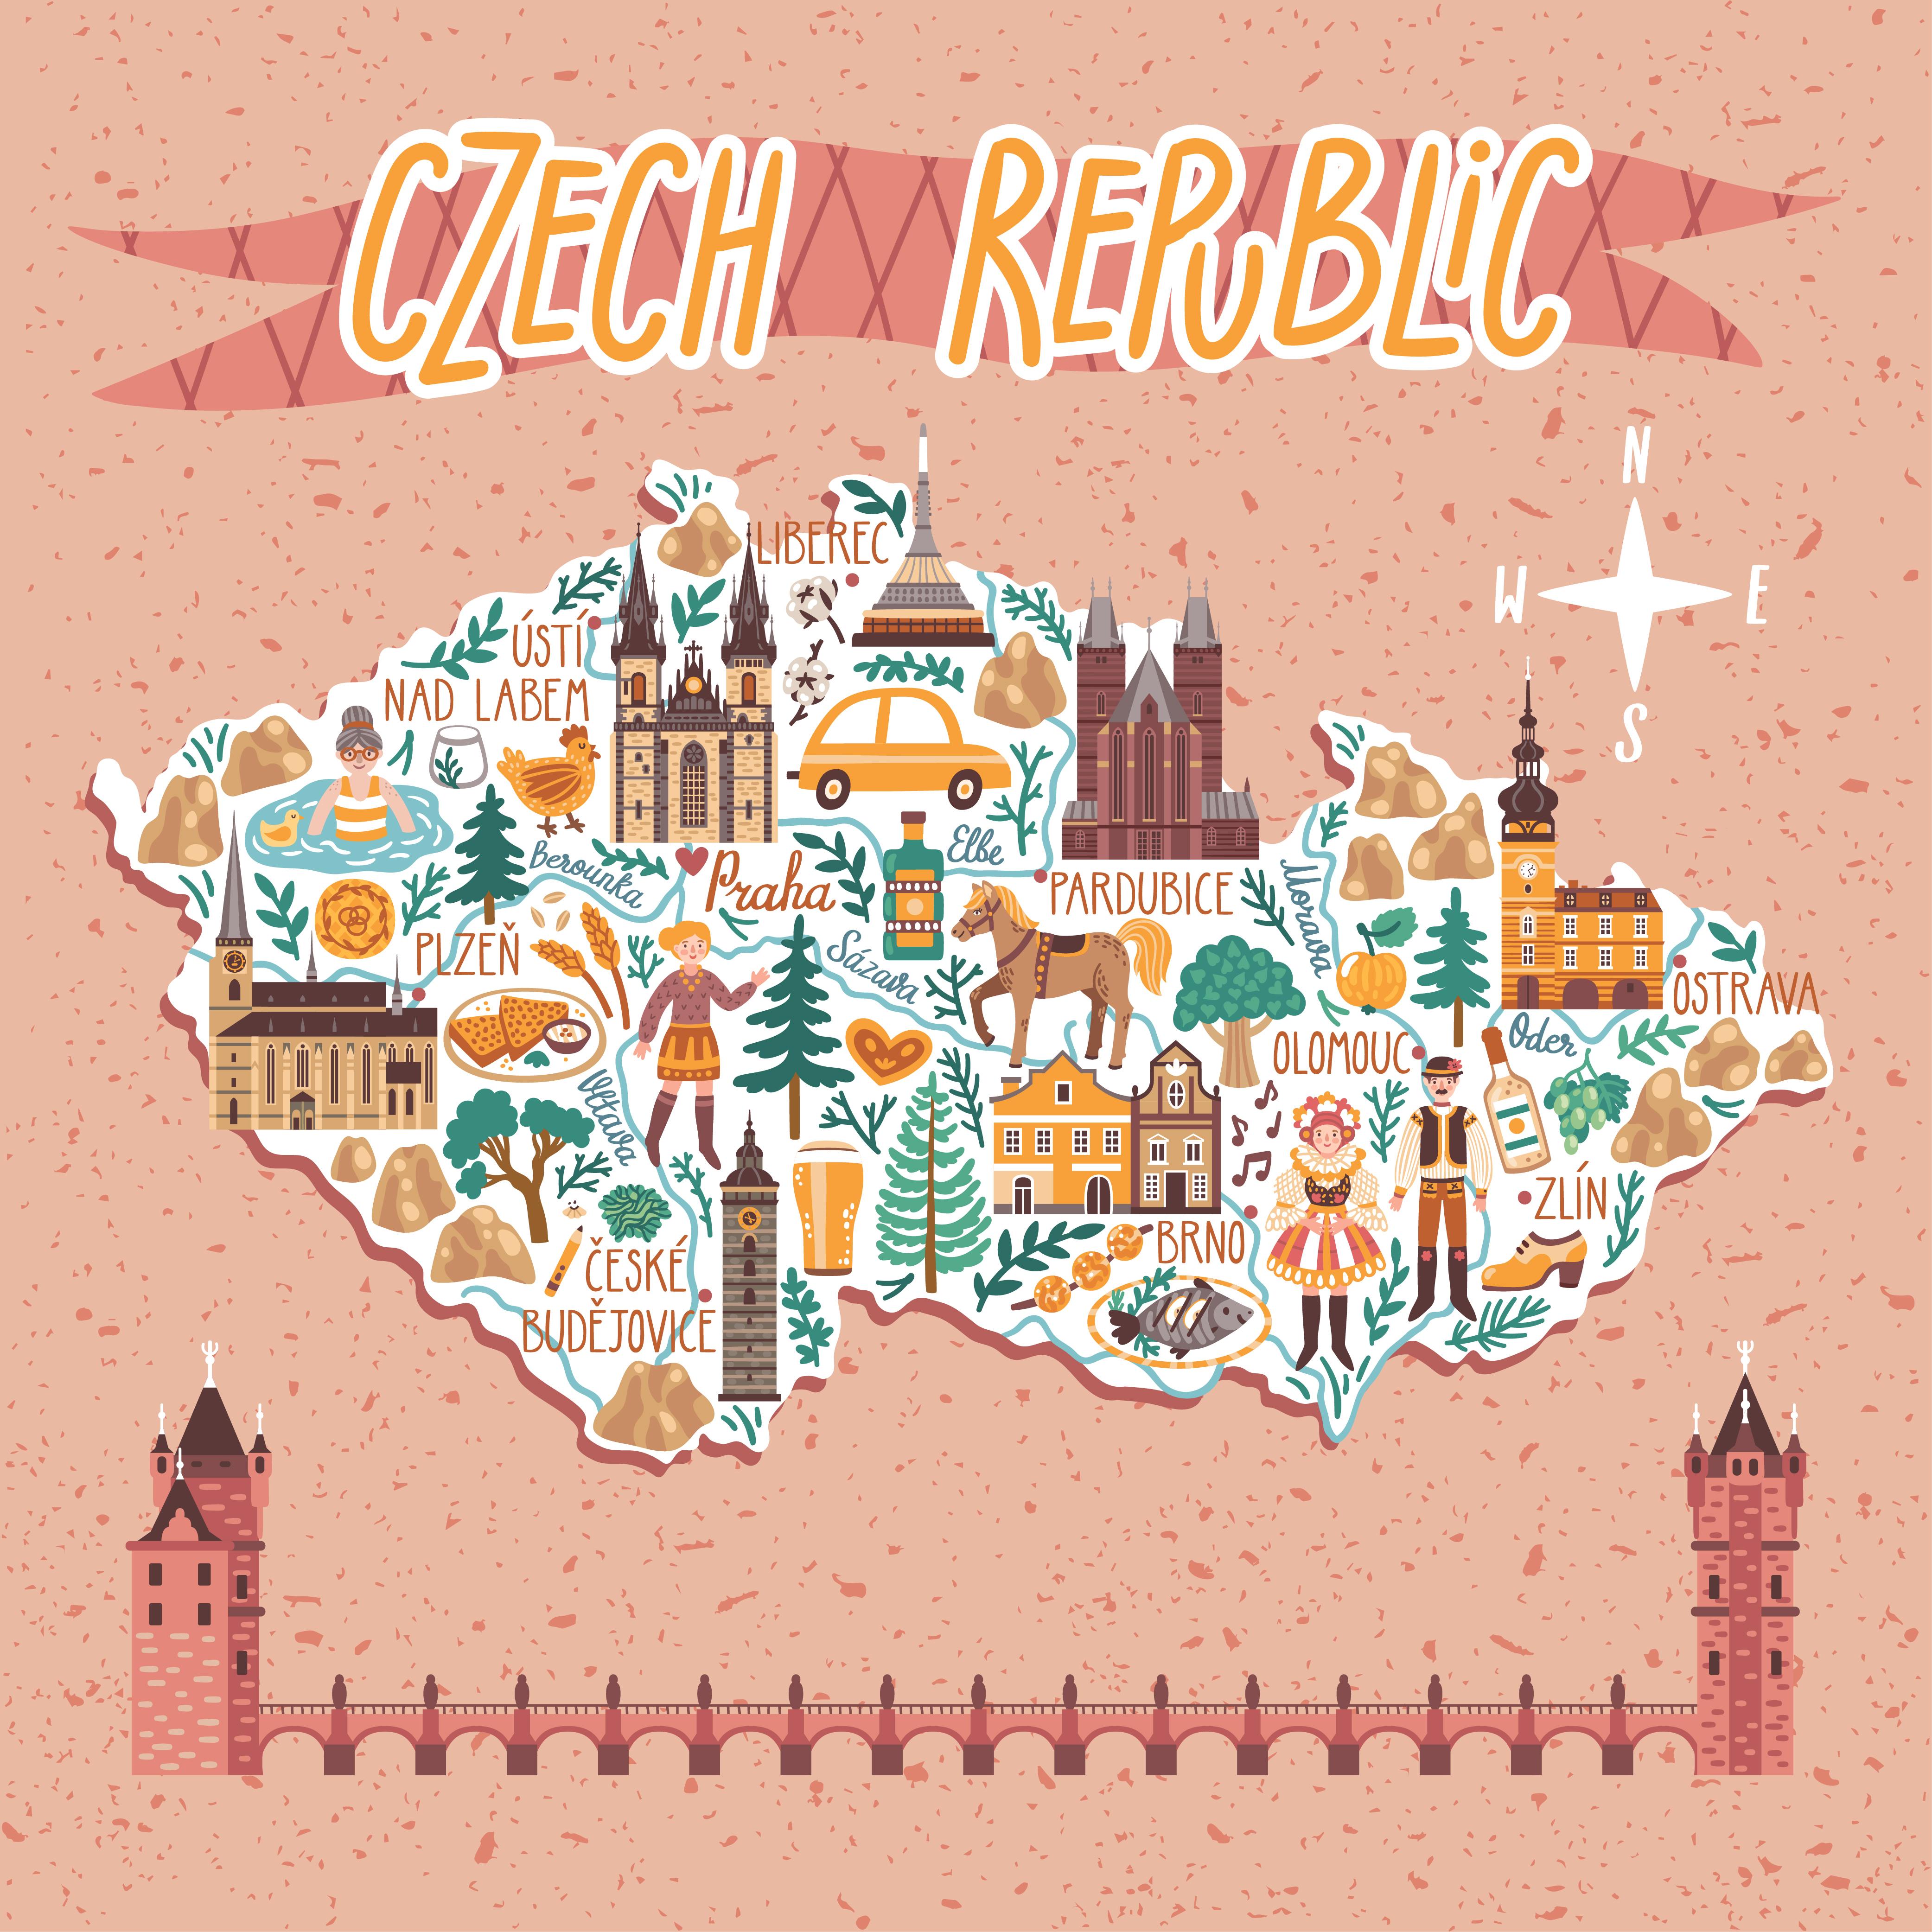 Иллюстрированная карта Чехии